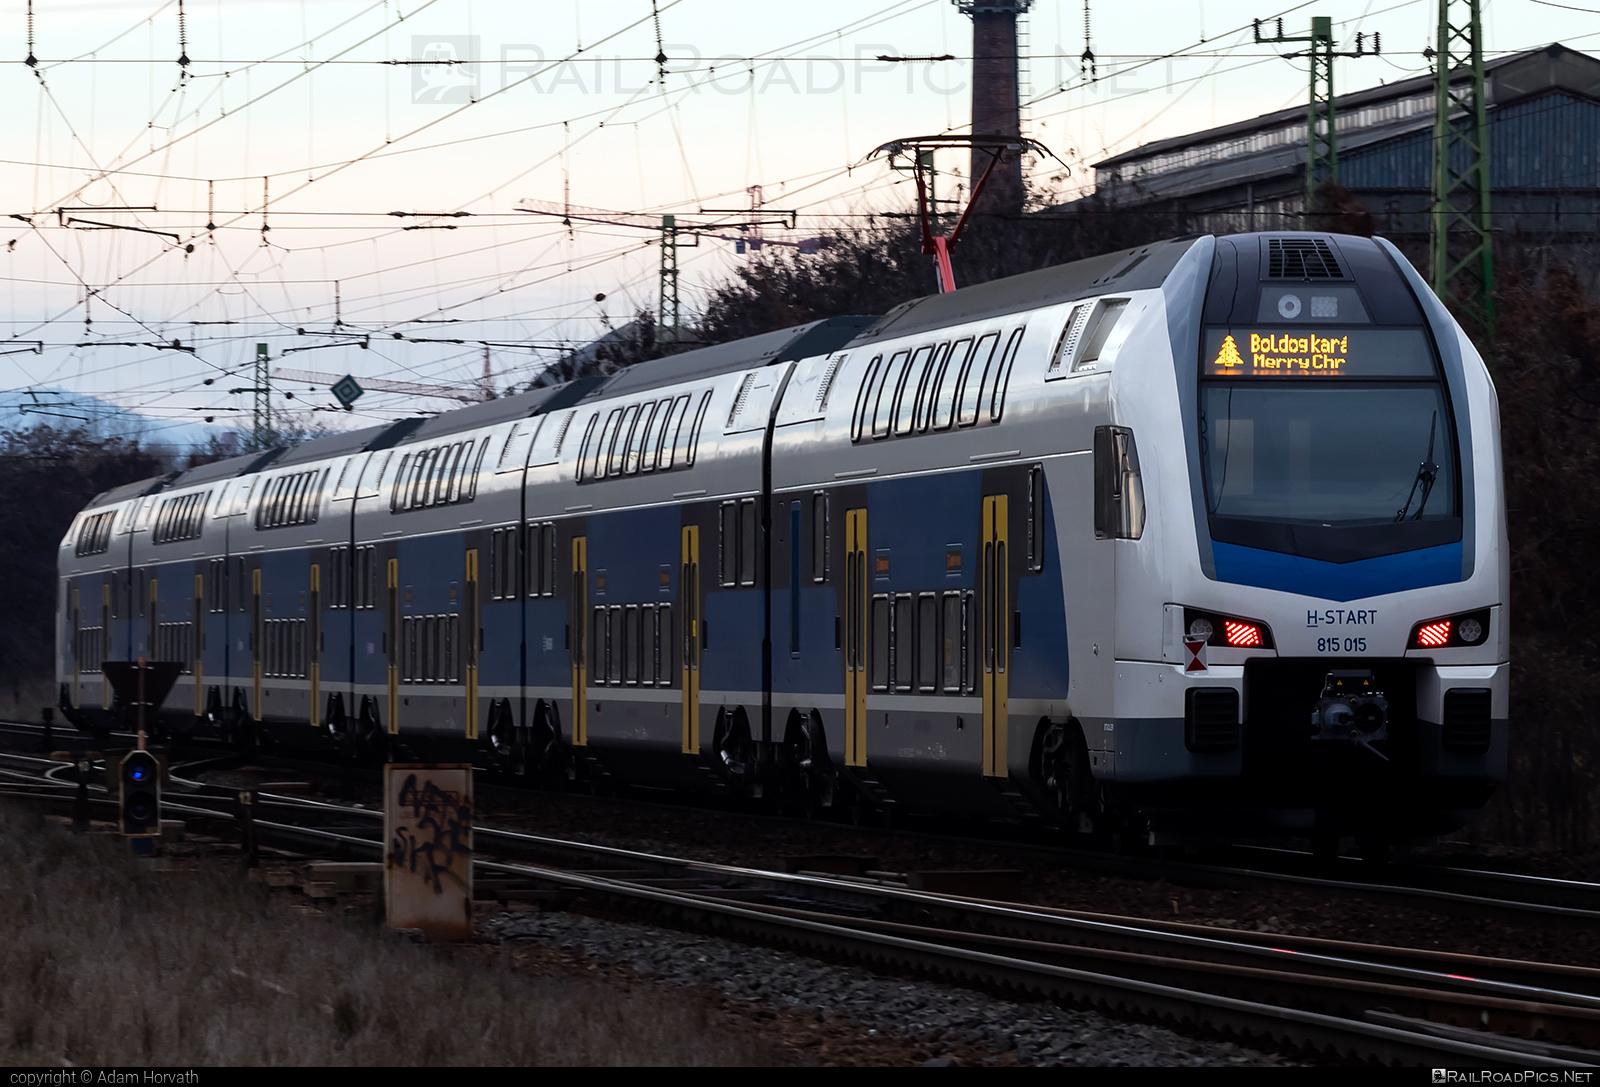 Stadler KISS - 815 015 operated by MÁV-START ZRt. #mav #mavstart #mavstartzrt #stadler #stadlerkiss #stadlerrail #stadlerrailag